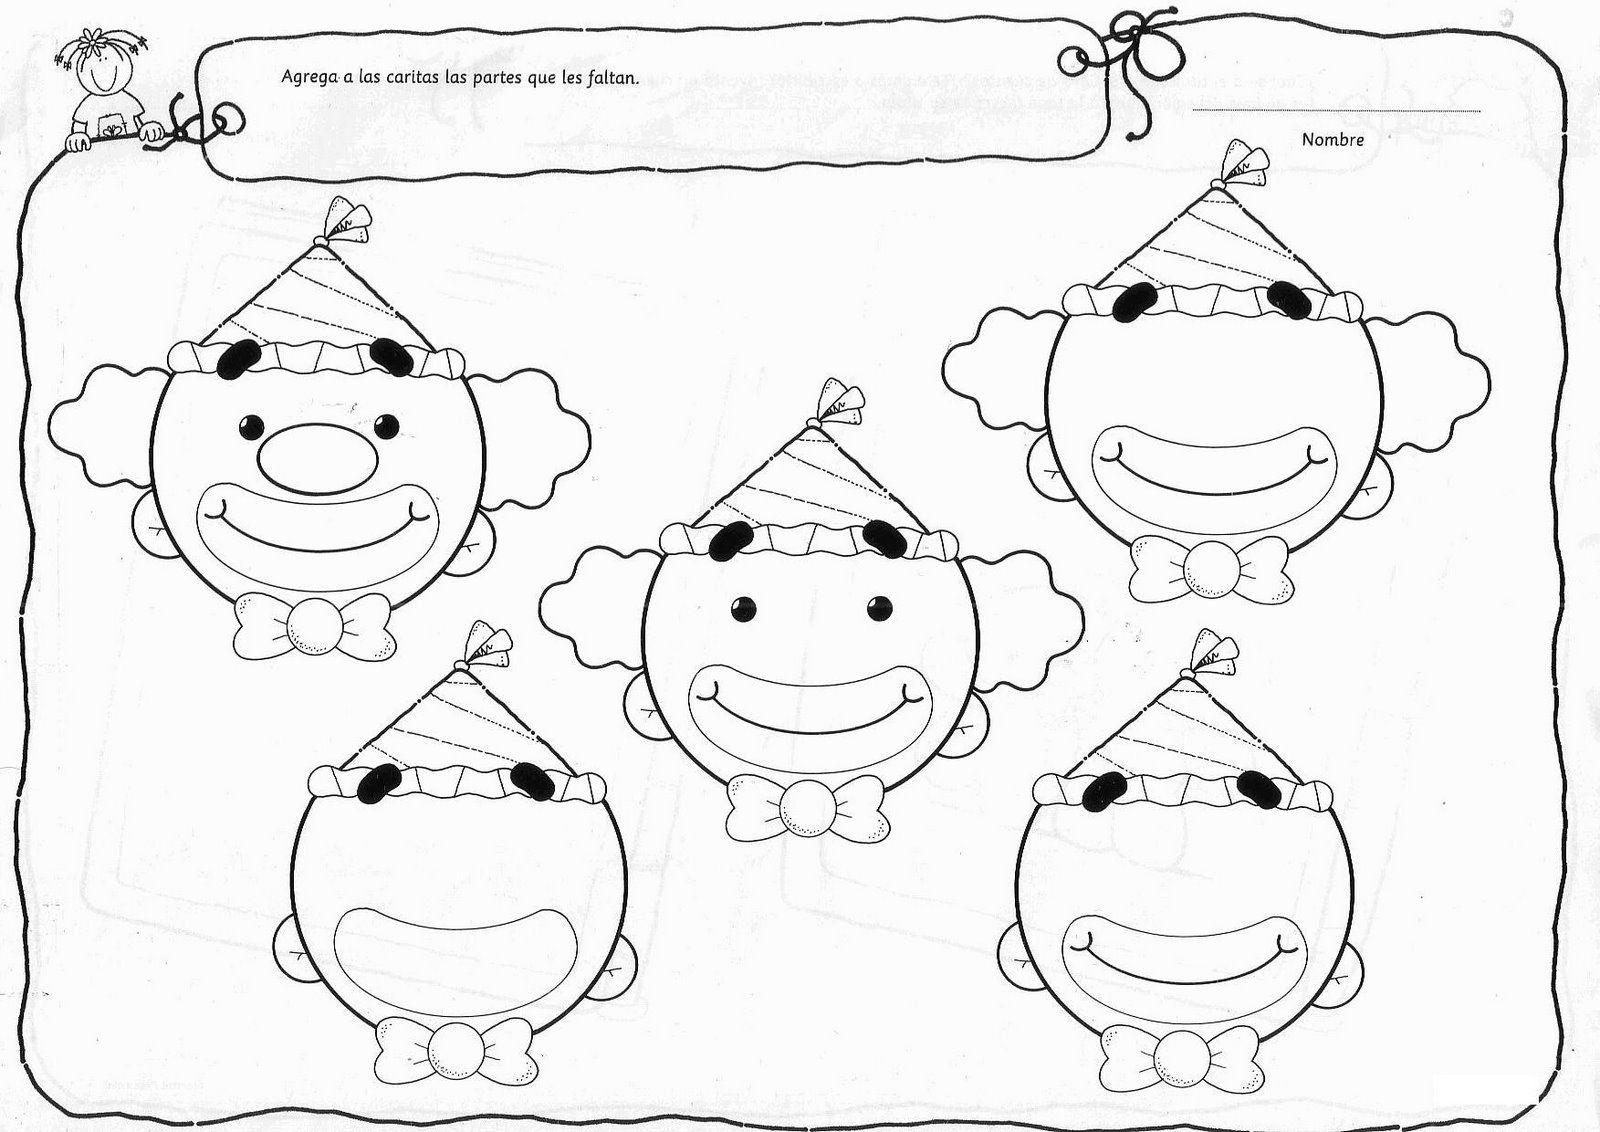 Recursos Y Actividades Para Educación Infantil Actividades Para Trabajar Las Partes De La Cara Actividades Caras De Payaso Juegos De Circo